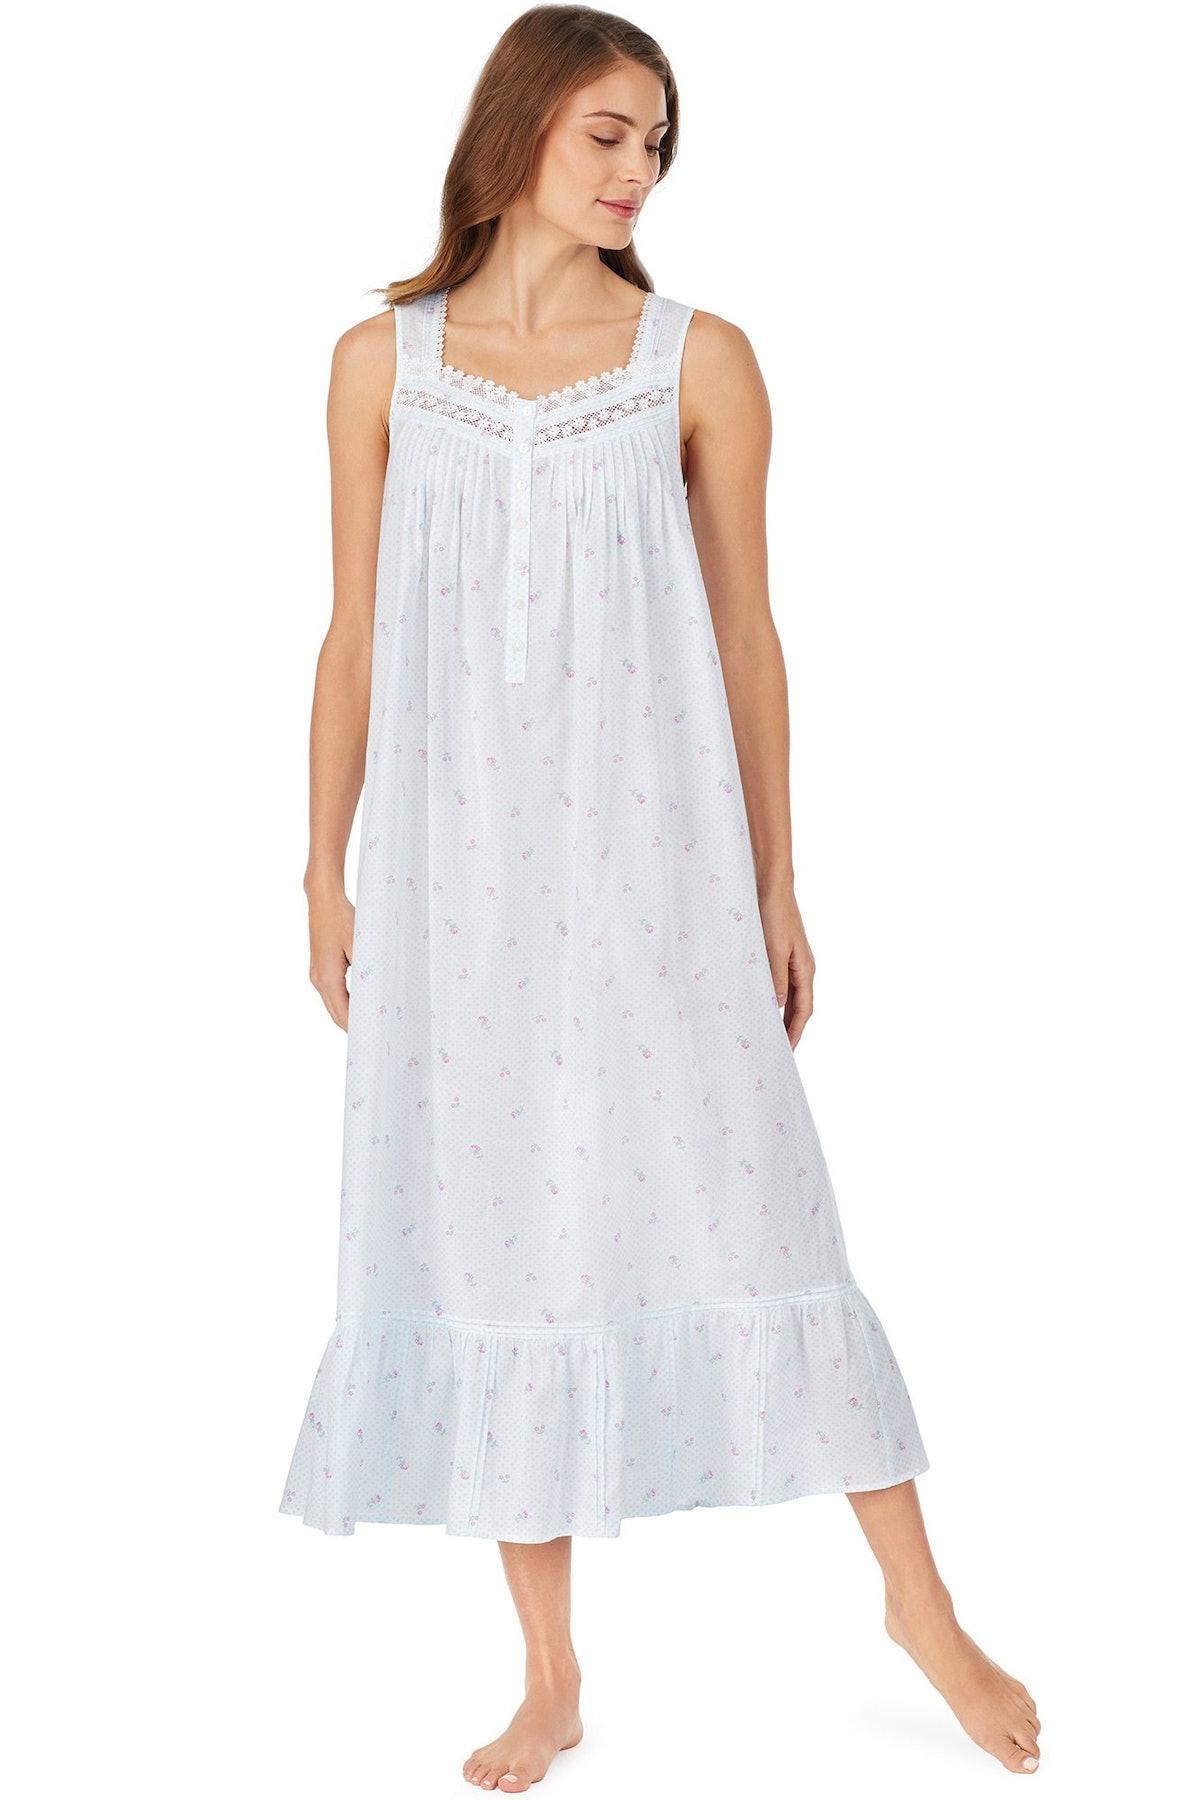 Stinson Ballet Nightgown